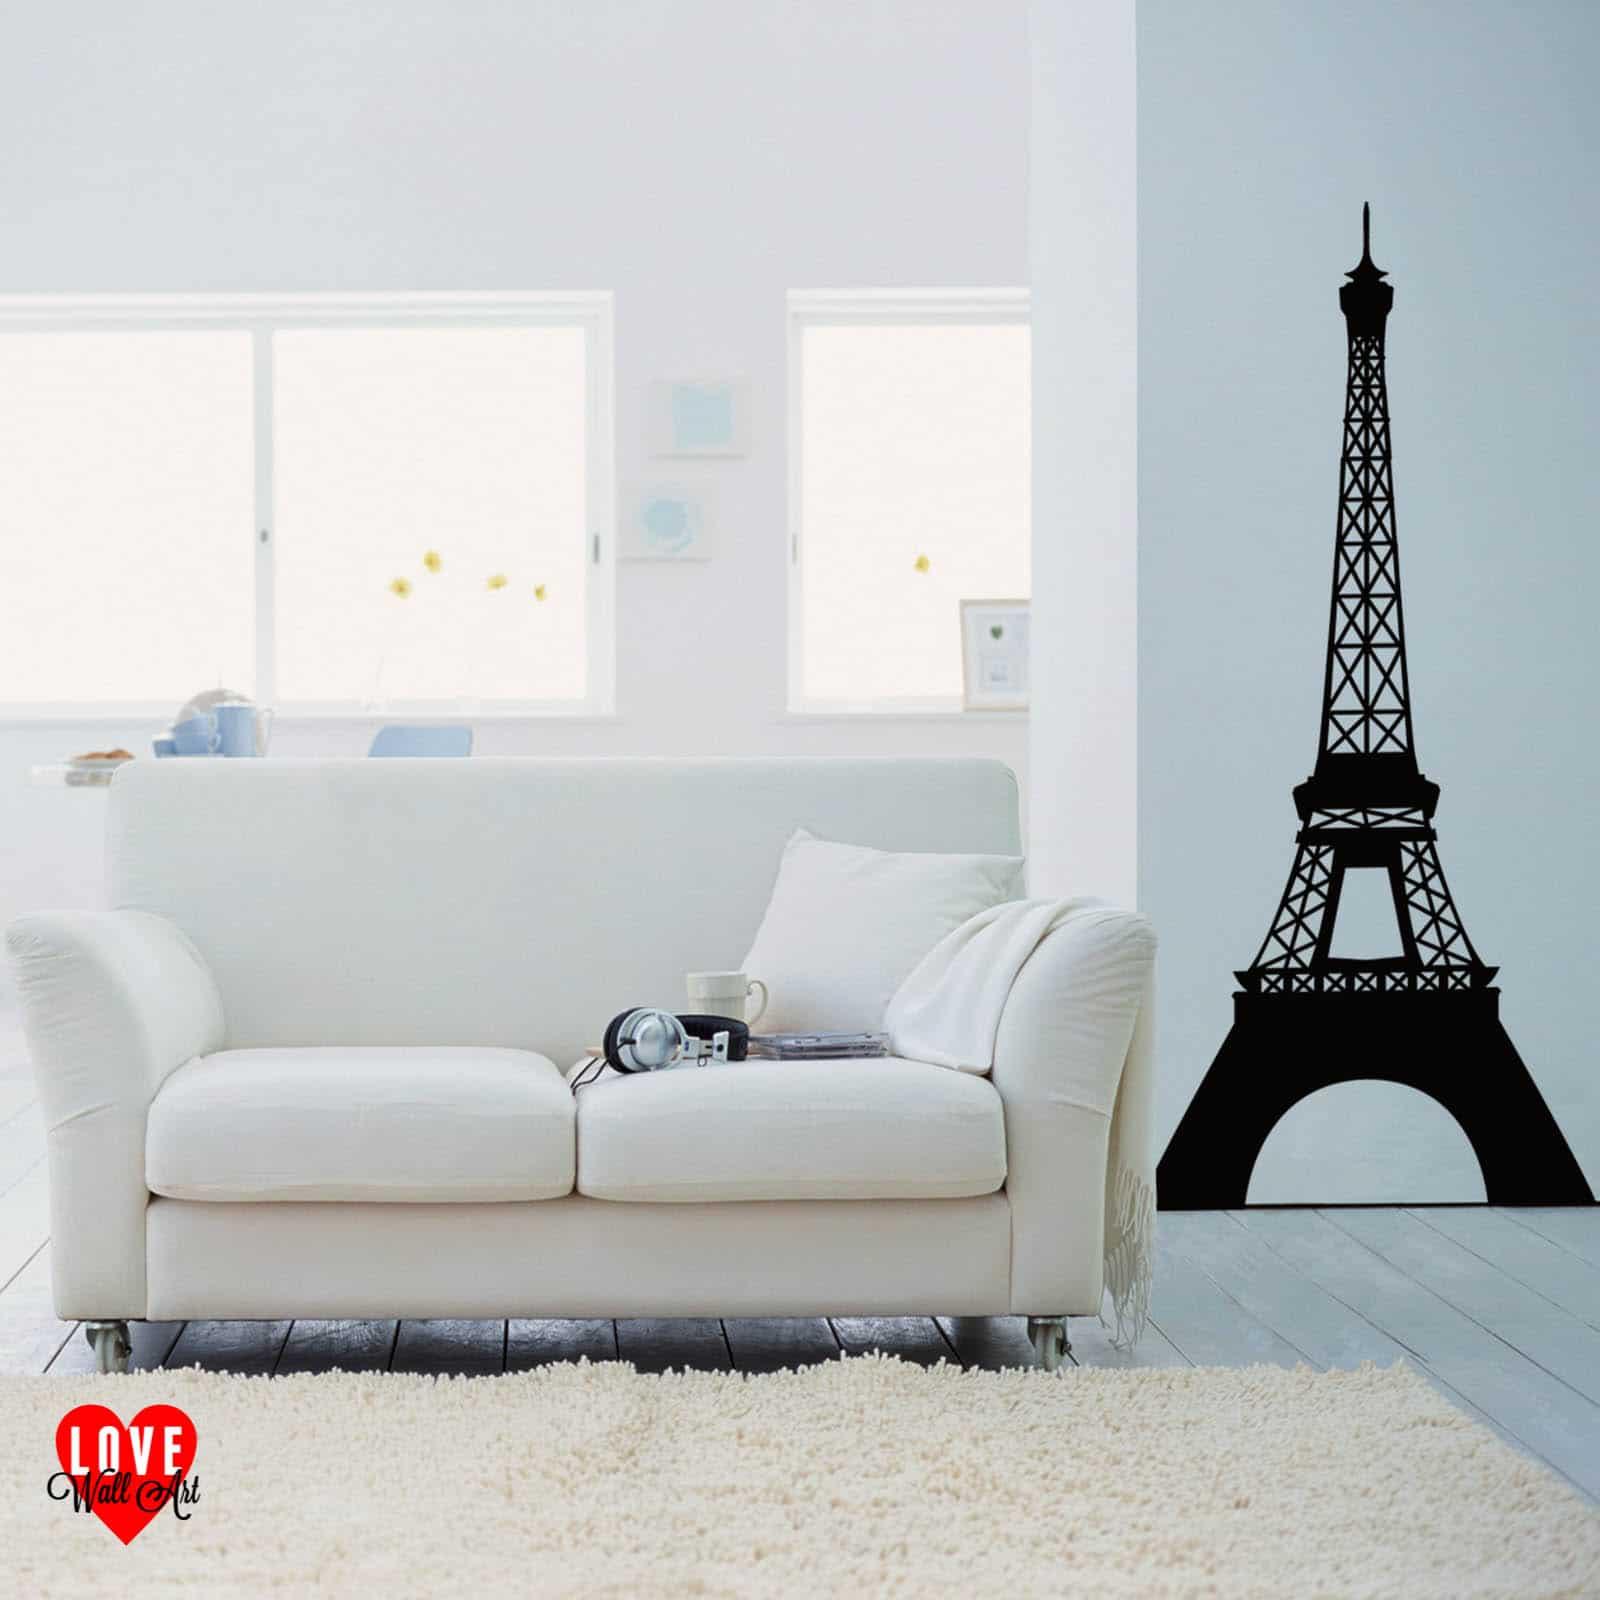 Eiffel Tower wall sticker wall art design Paris France